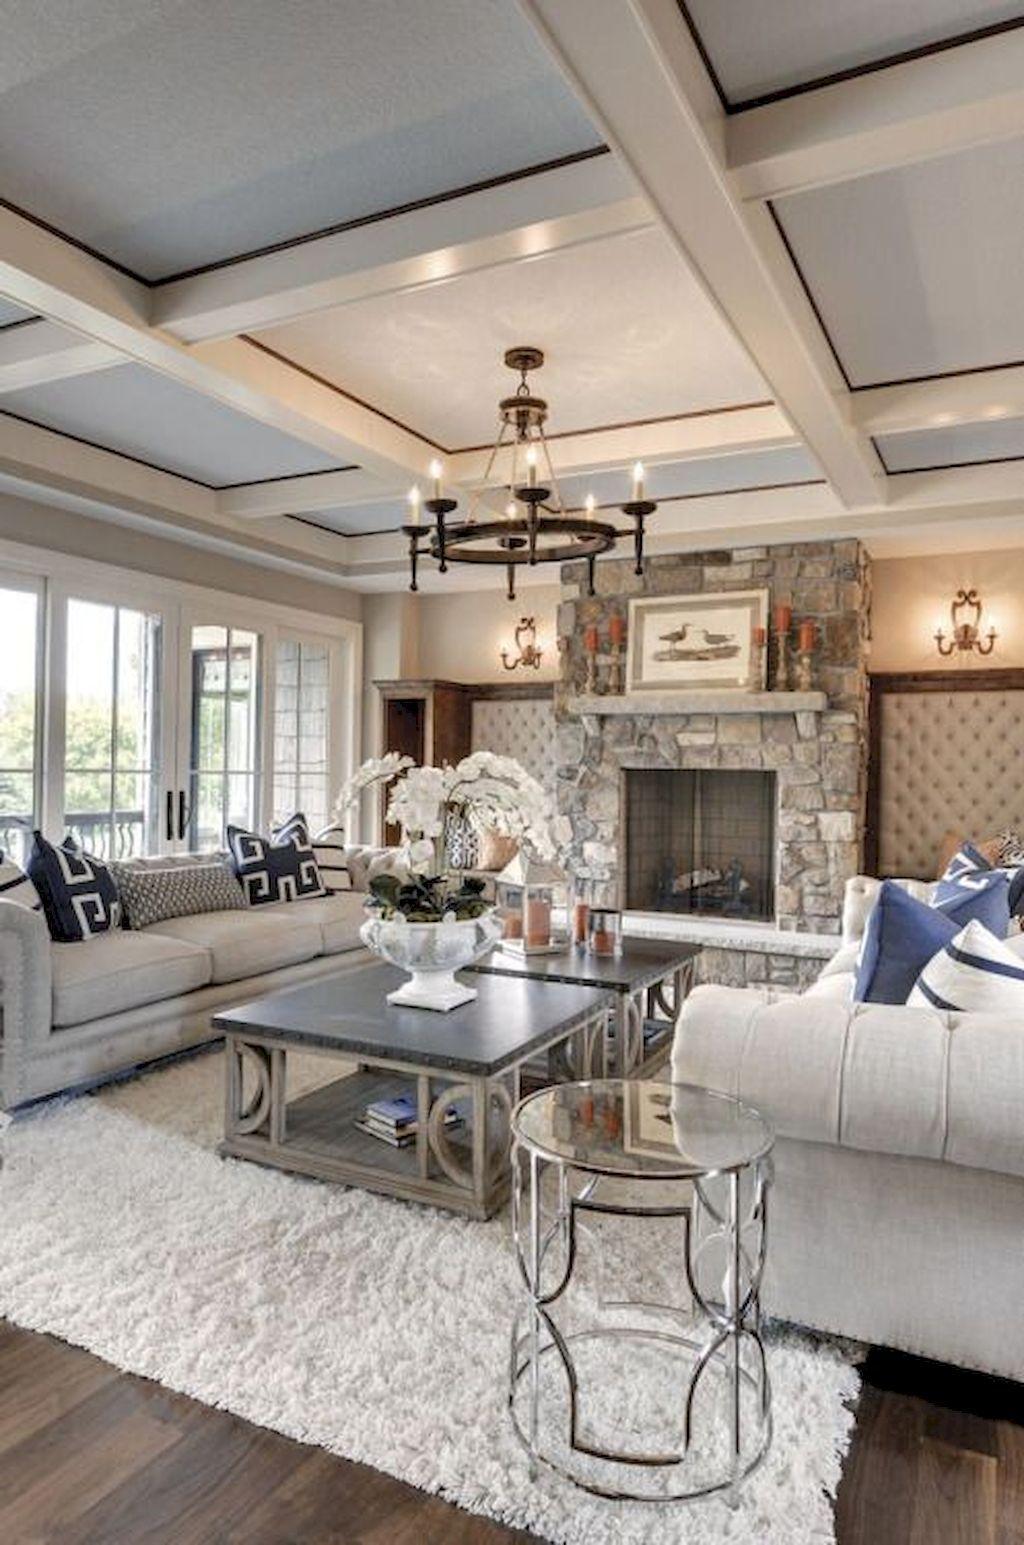 70 Cozy Living Room Design Ideas